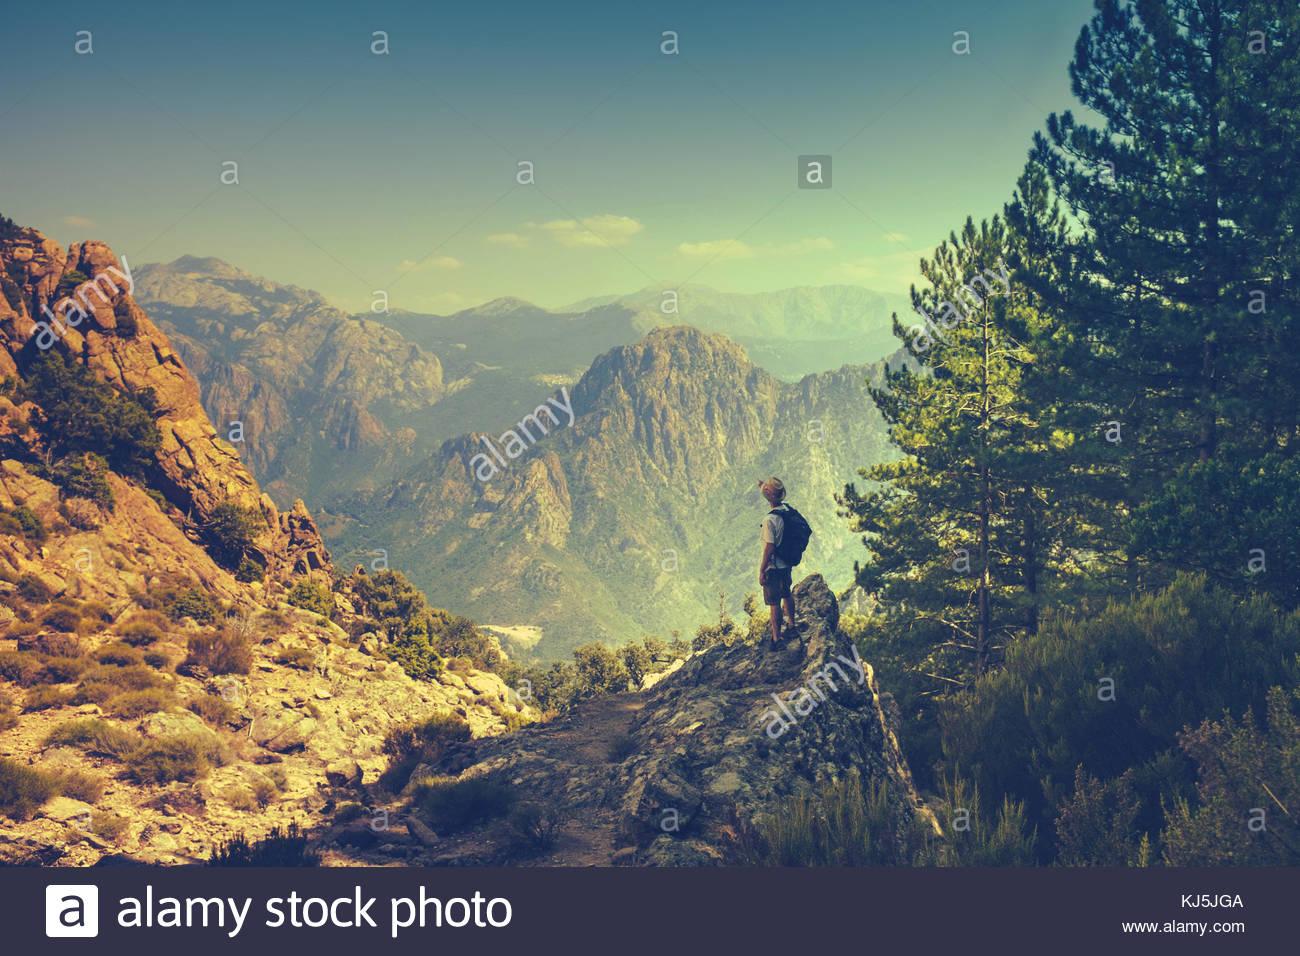 man hiking in mountains - Stock Image